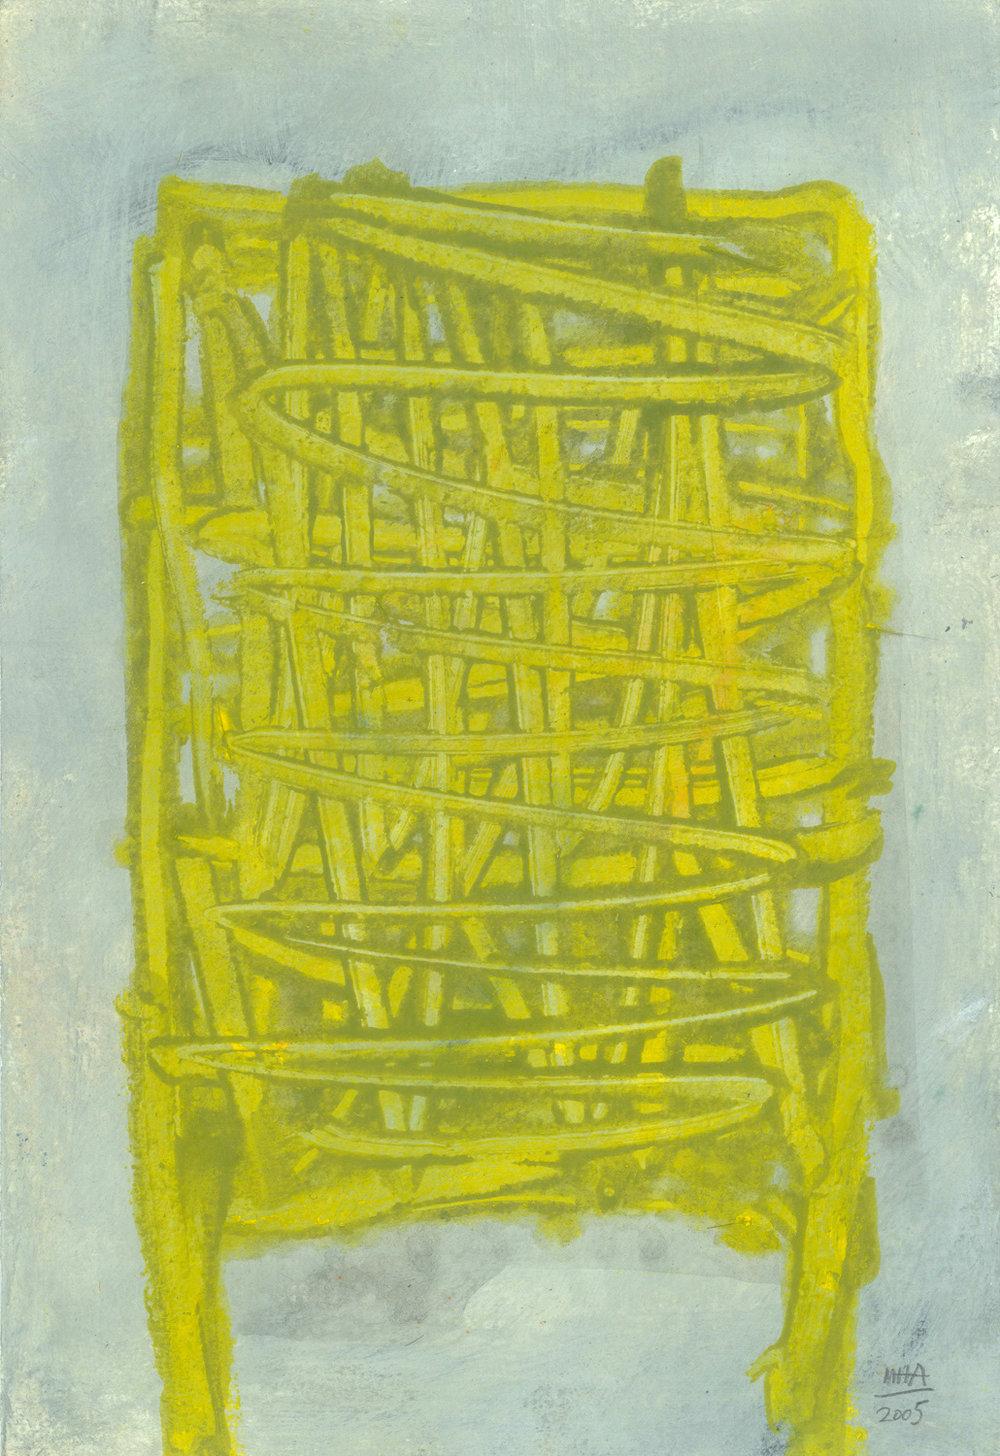 10  STEHEN, 2005, Acryl auf Papier, 15x23,5 cm